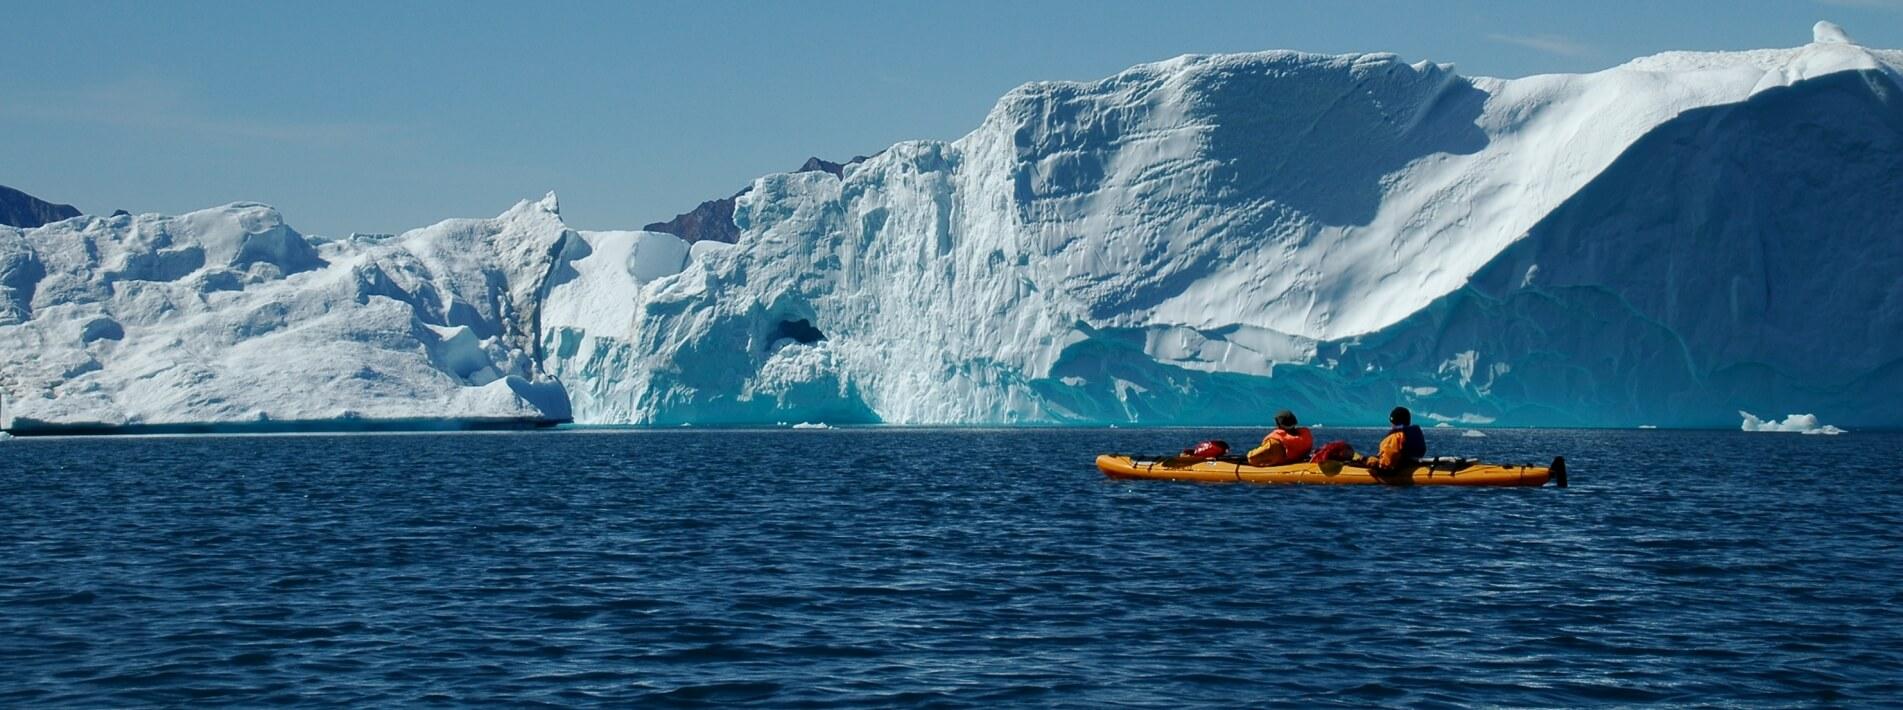 Kajak Fahrer vor einem großen Eisberg